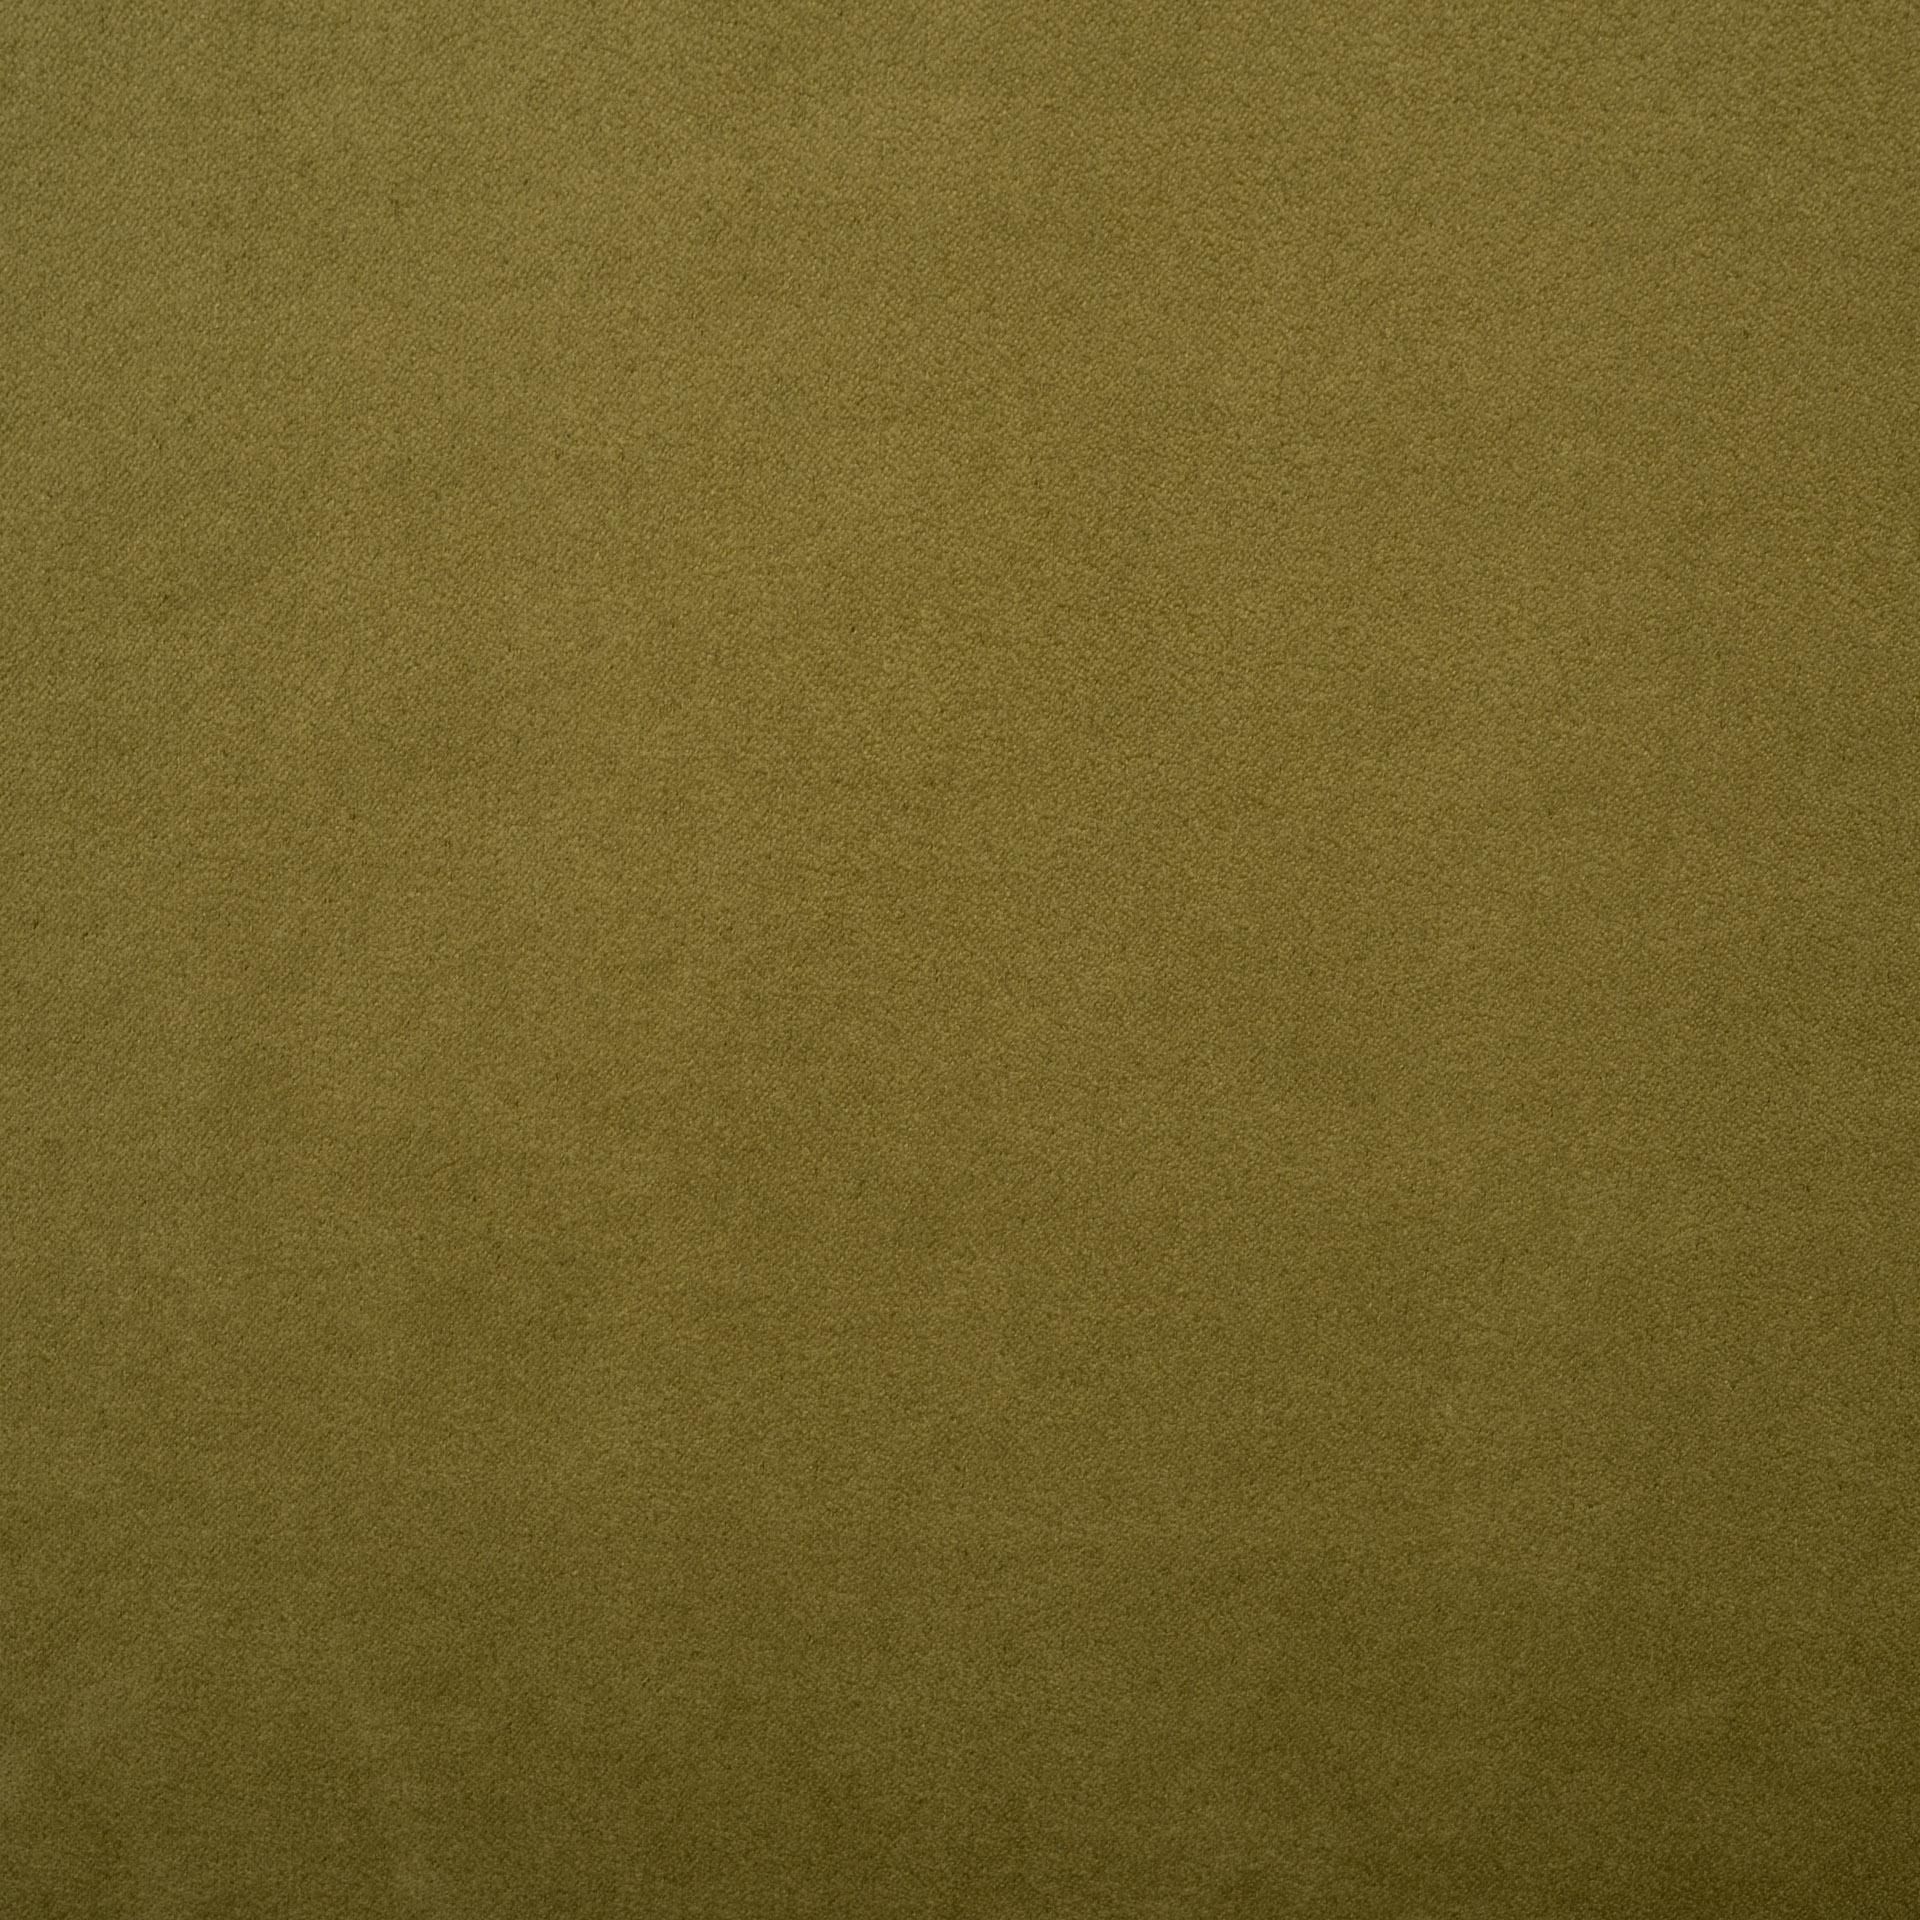 Коллекция ткани Бонд PISTACHIO 11,  купить ткань Велюр для мебели Украина